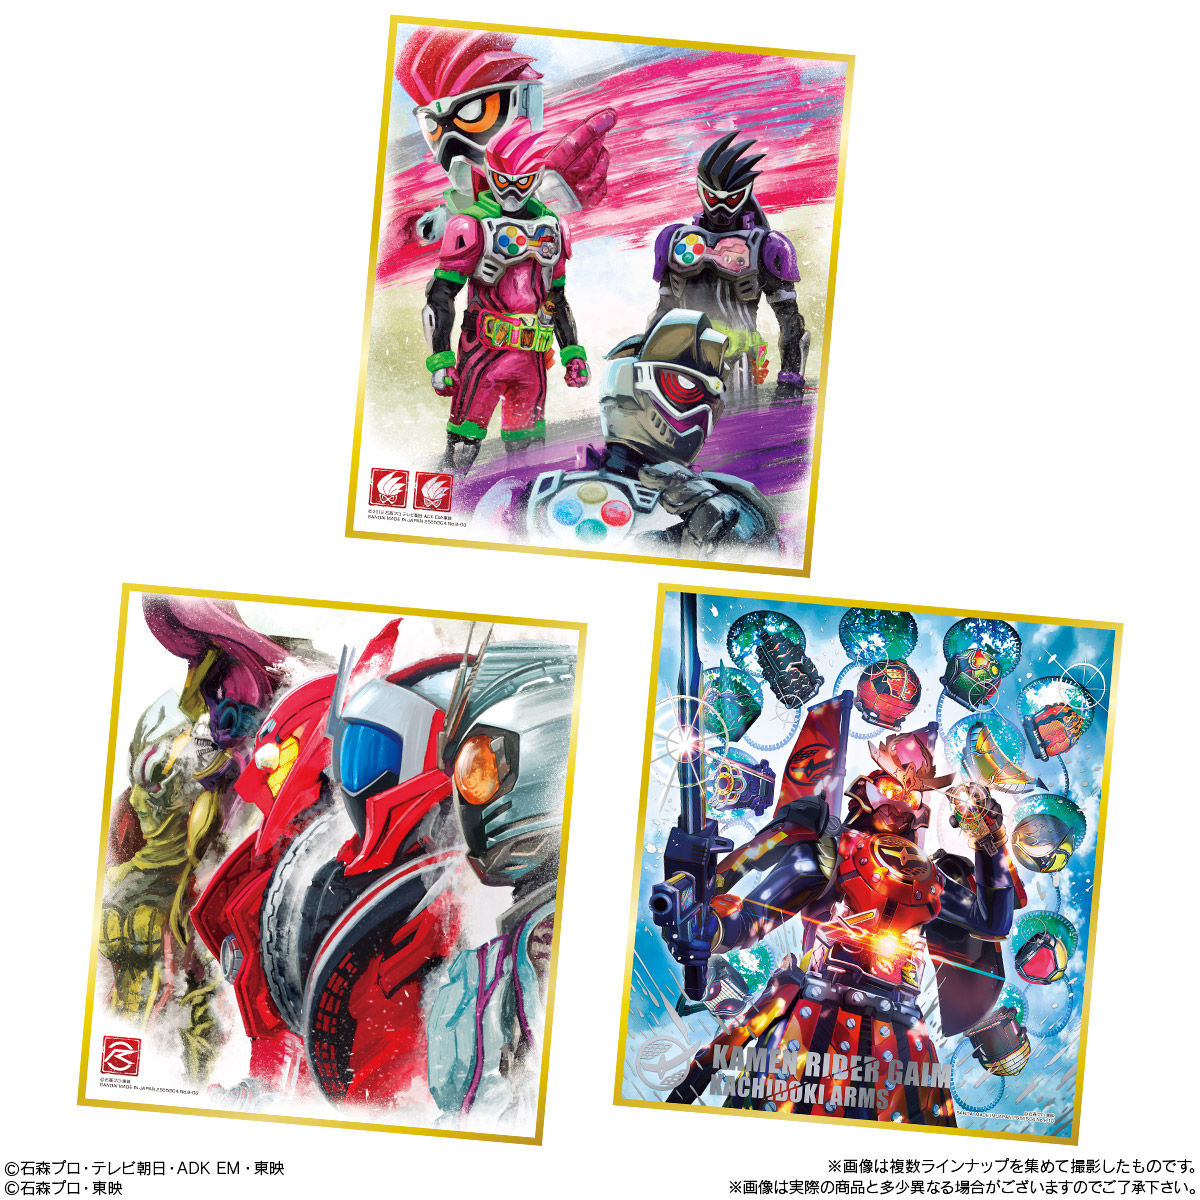 【食玩】『仮面ライダー 色紙ART8』10個入りBOX-005